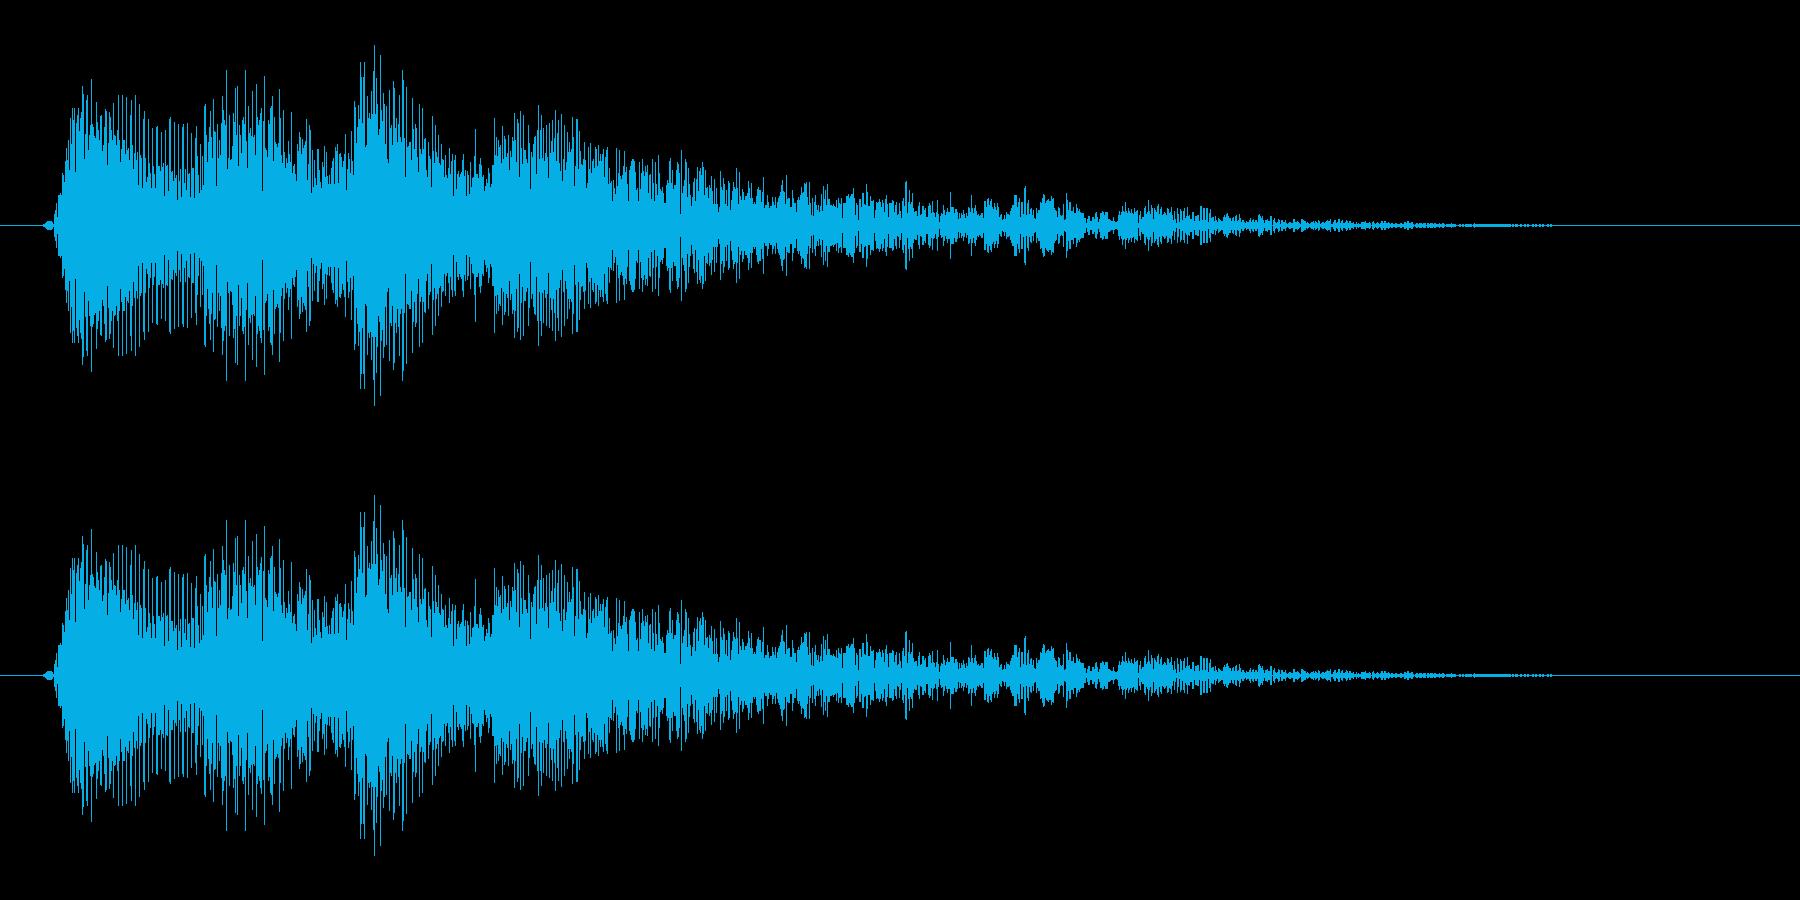 シンセサイザーで作ったマンガチックな琴…の再生済みの波形